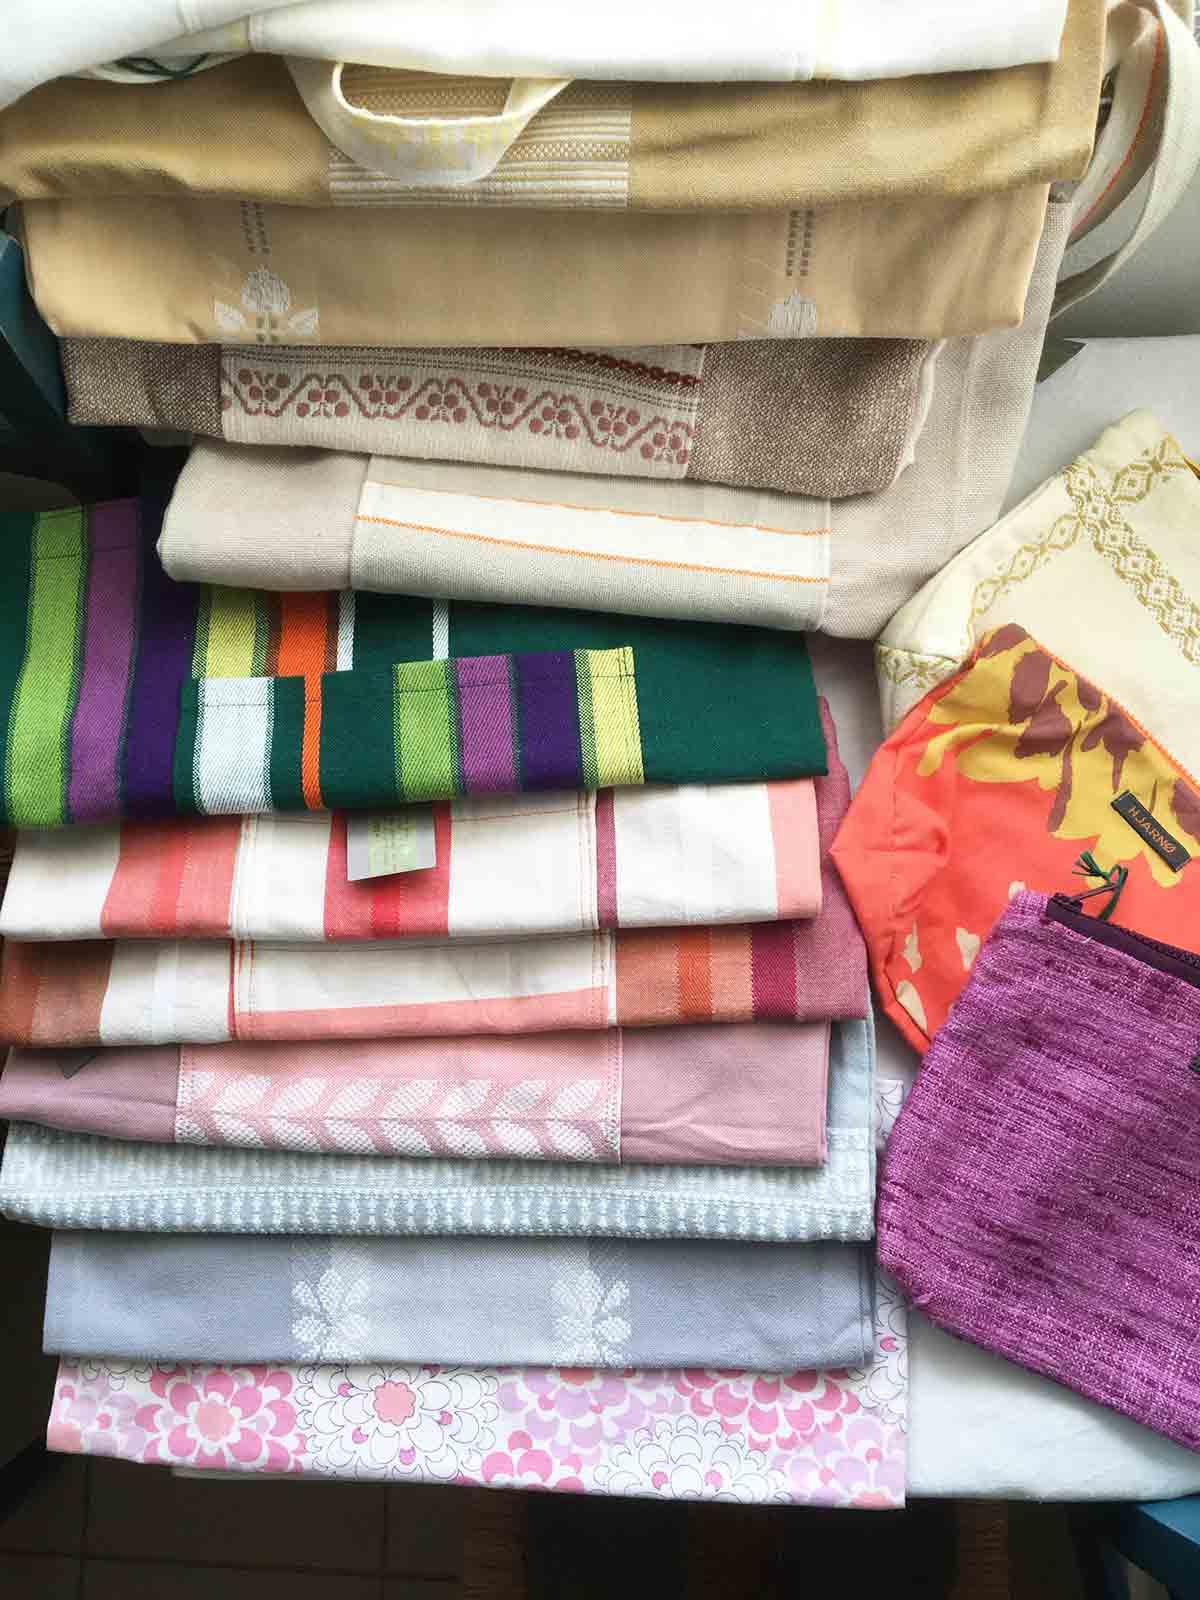 Hjarnø net af genbrugs tekstil